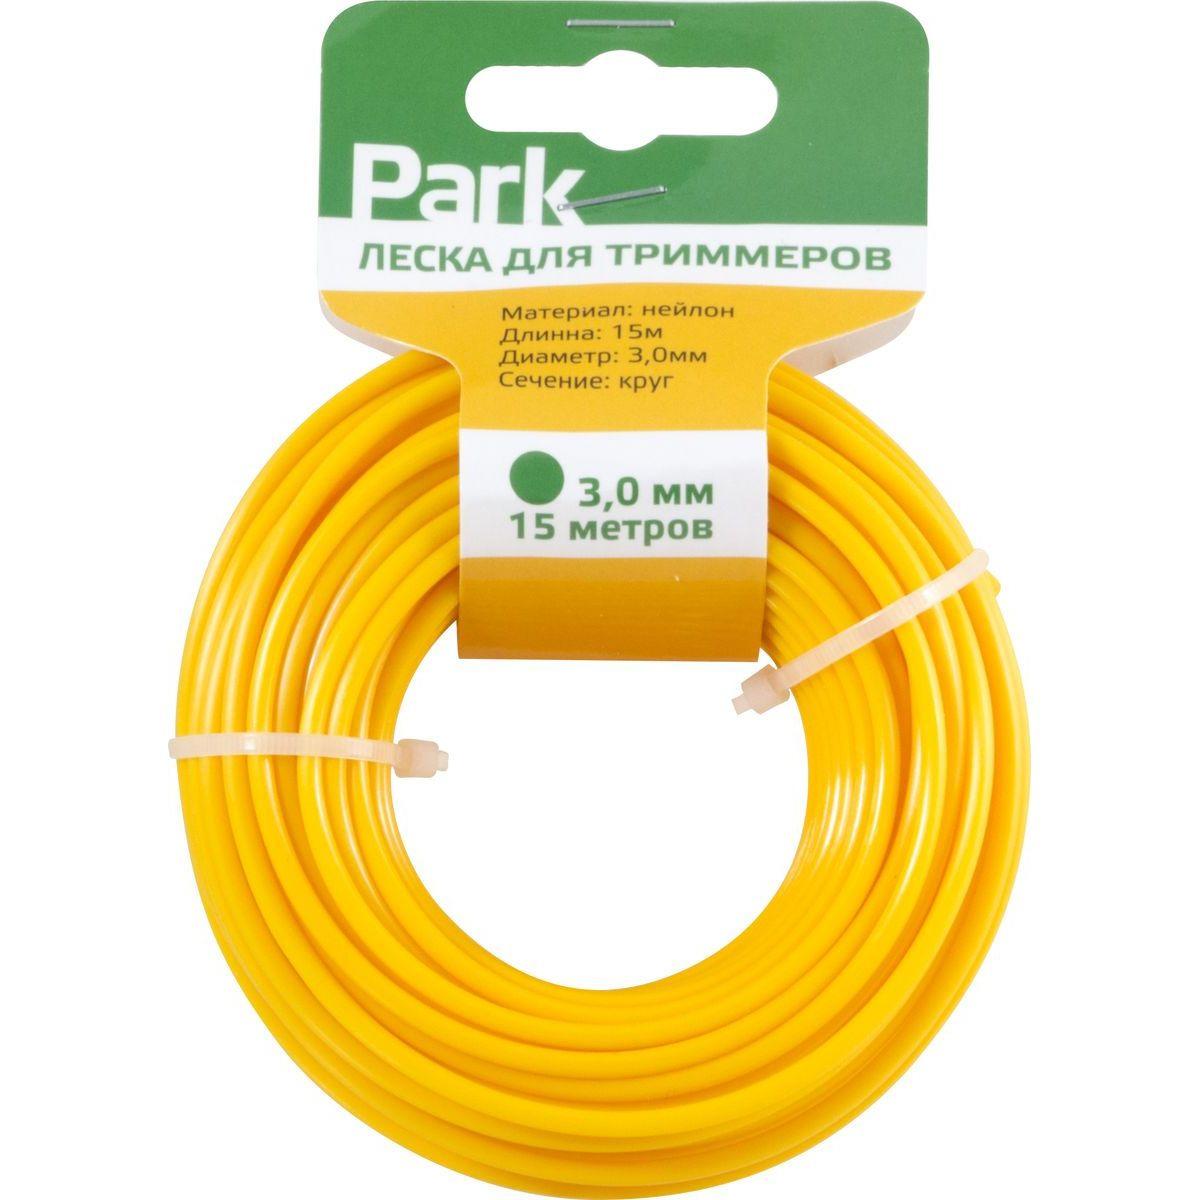 Леска для триммеров Park, круг, 990597, желтый, 3,0 мм, 15 м